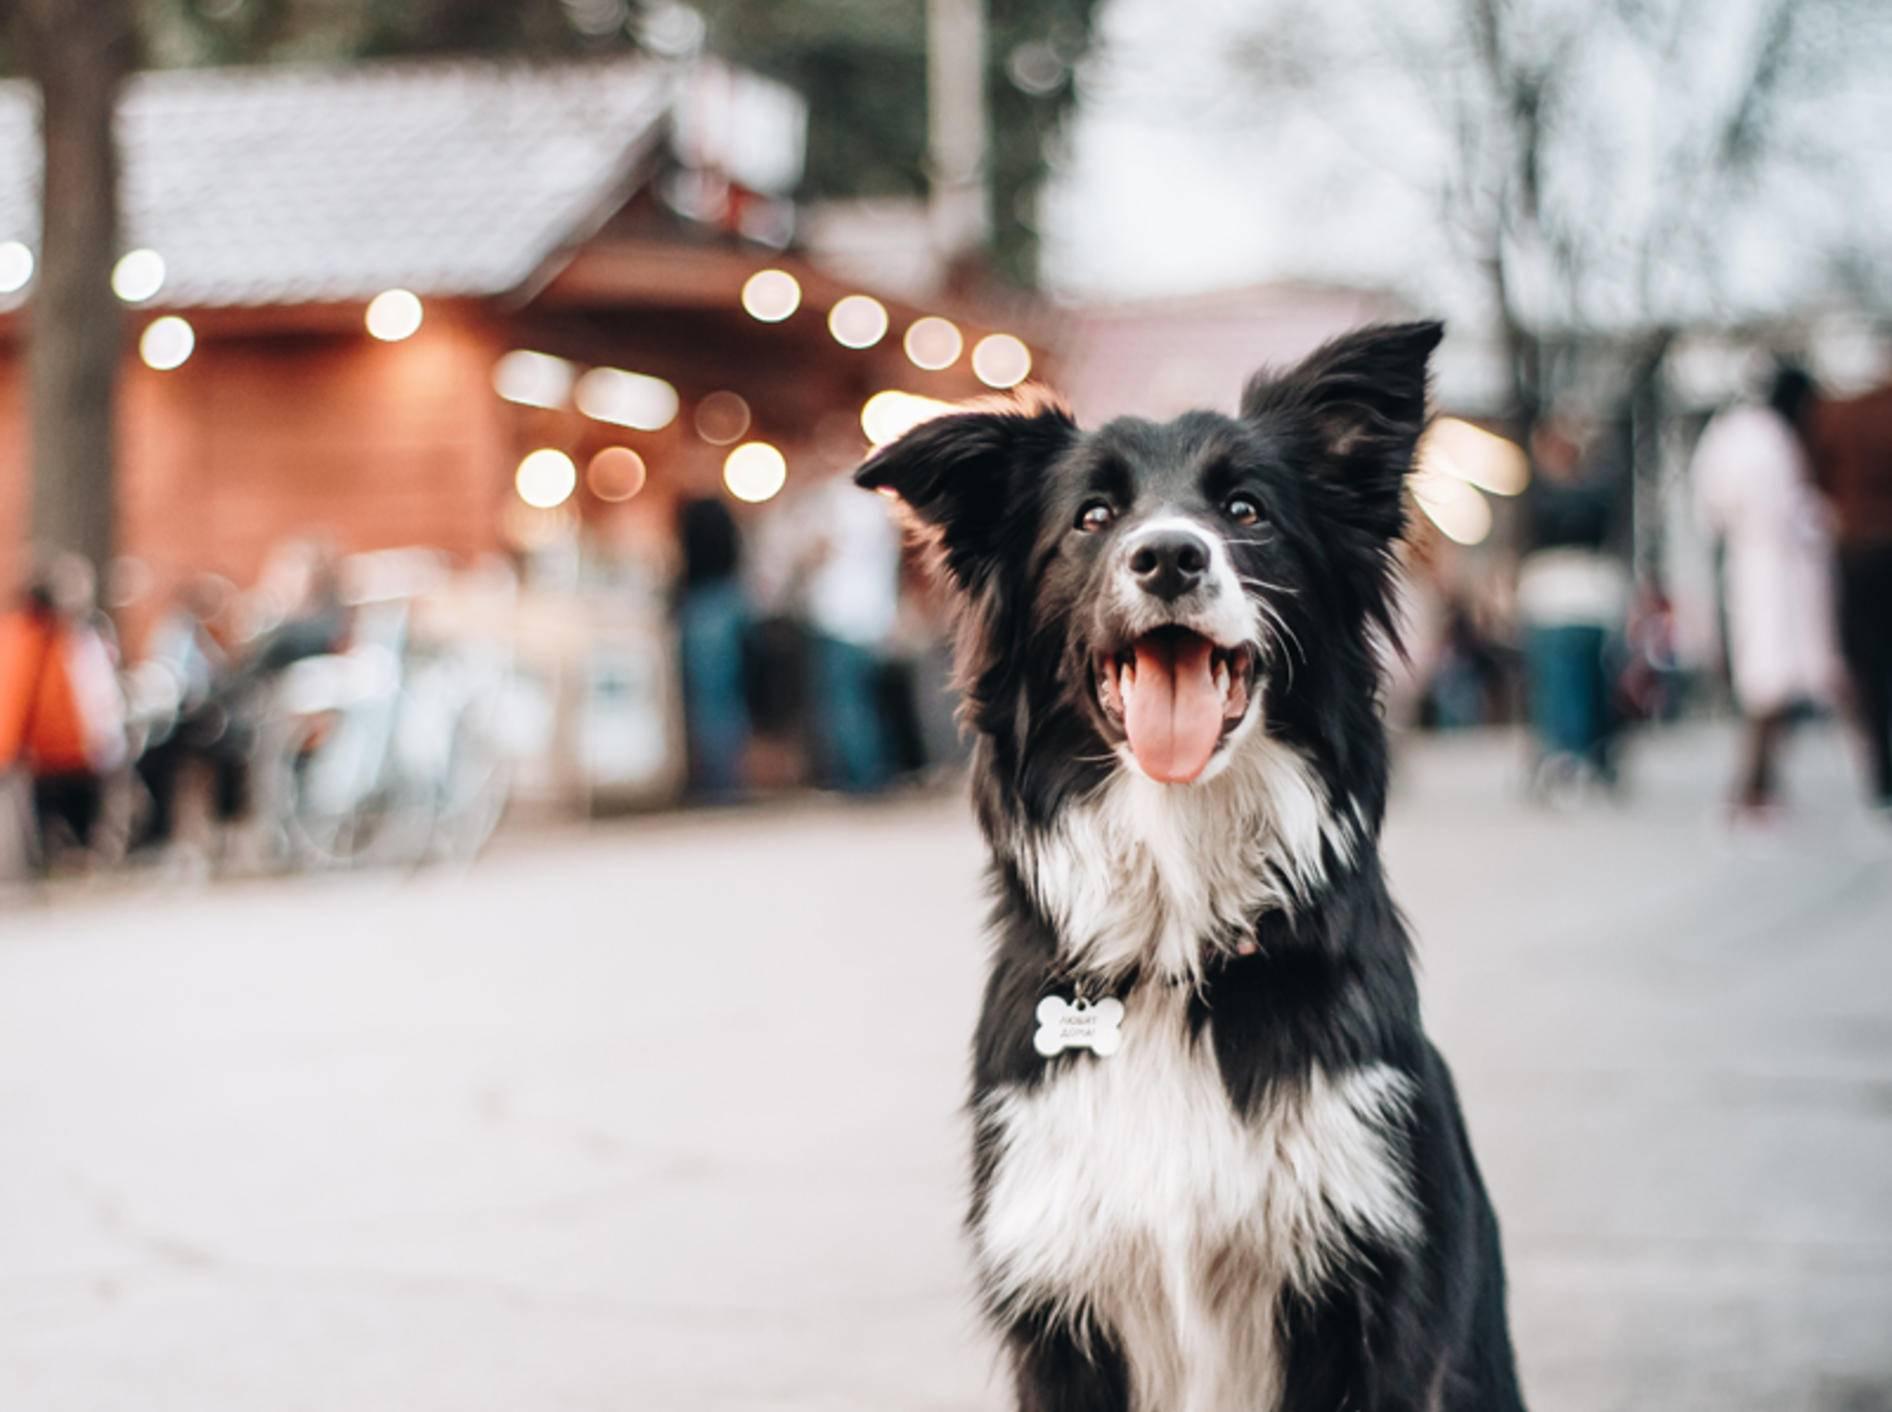 Mit dem Hund zum Weihnachtsmarkt - ja oder nein? - Bild: Shutterstock / Ovchinnikova-Stanislava